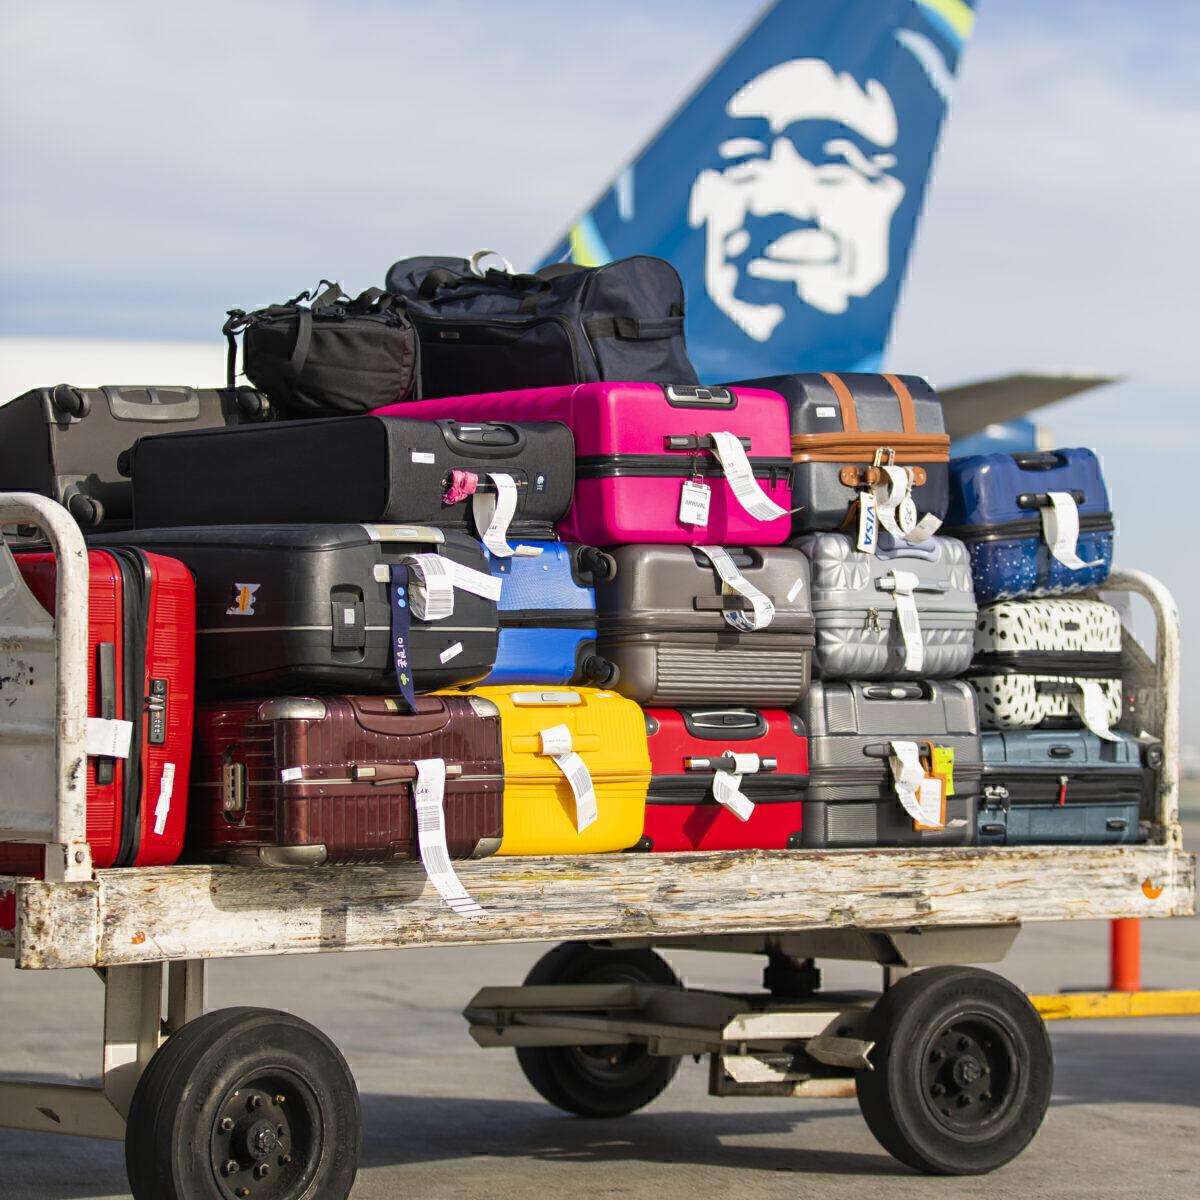 Alaska Airlines luggage